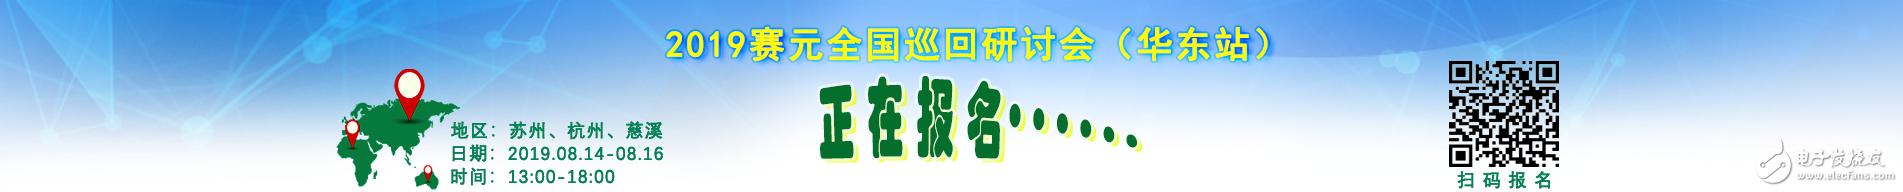 2019赛元全国巡回研讨会(华东站)正在报名